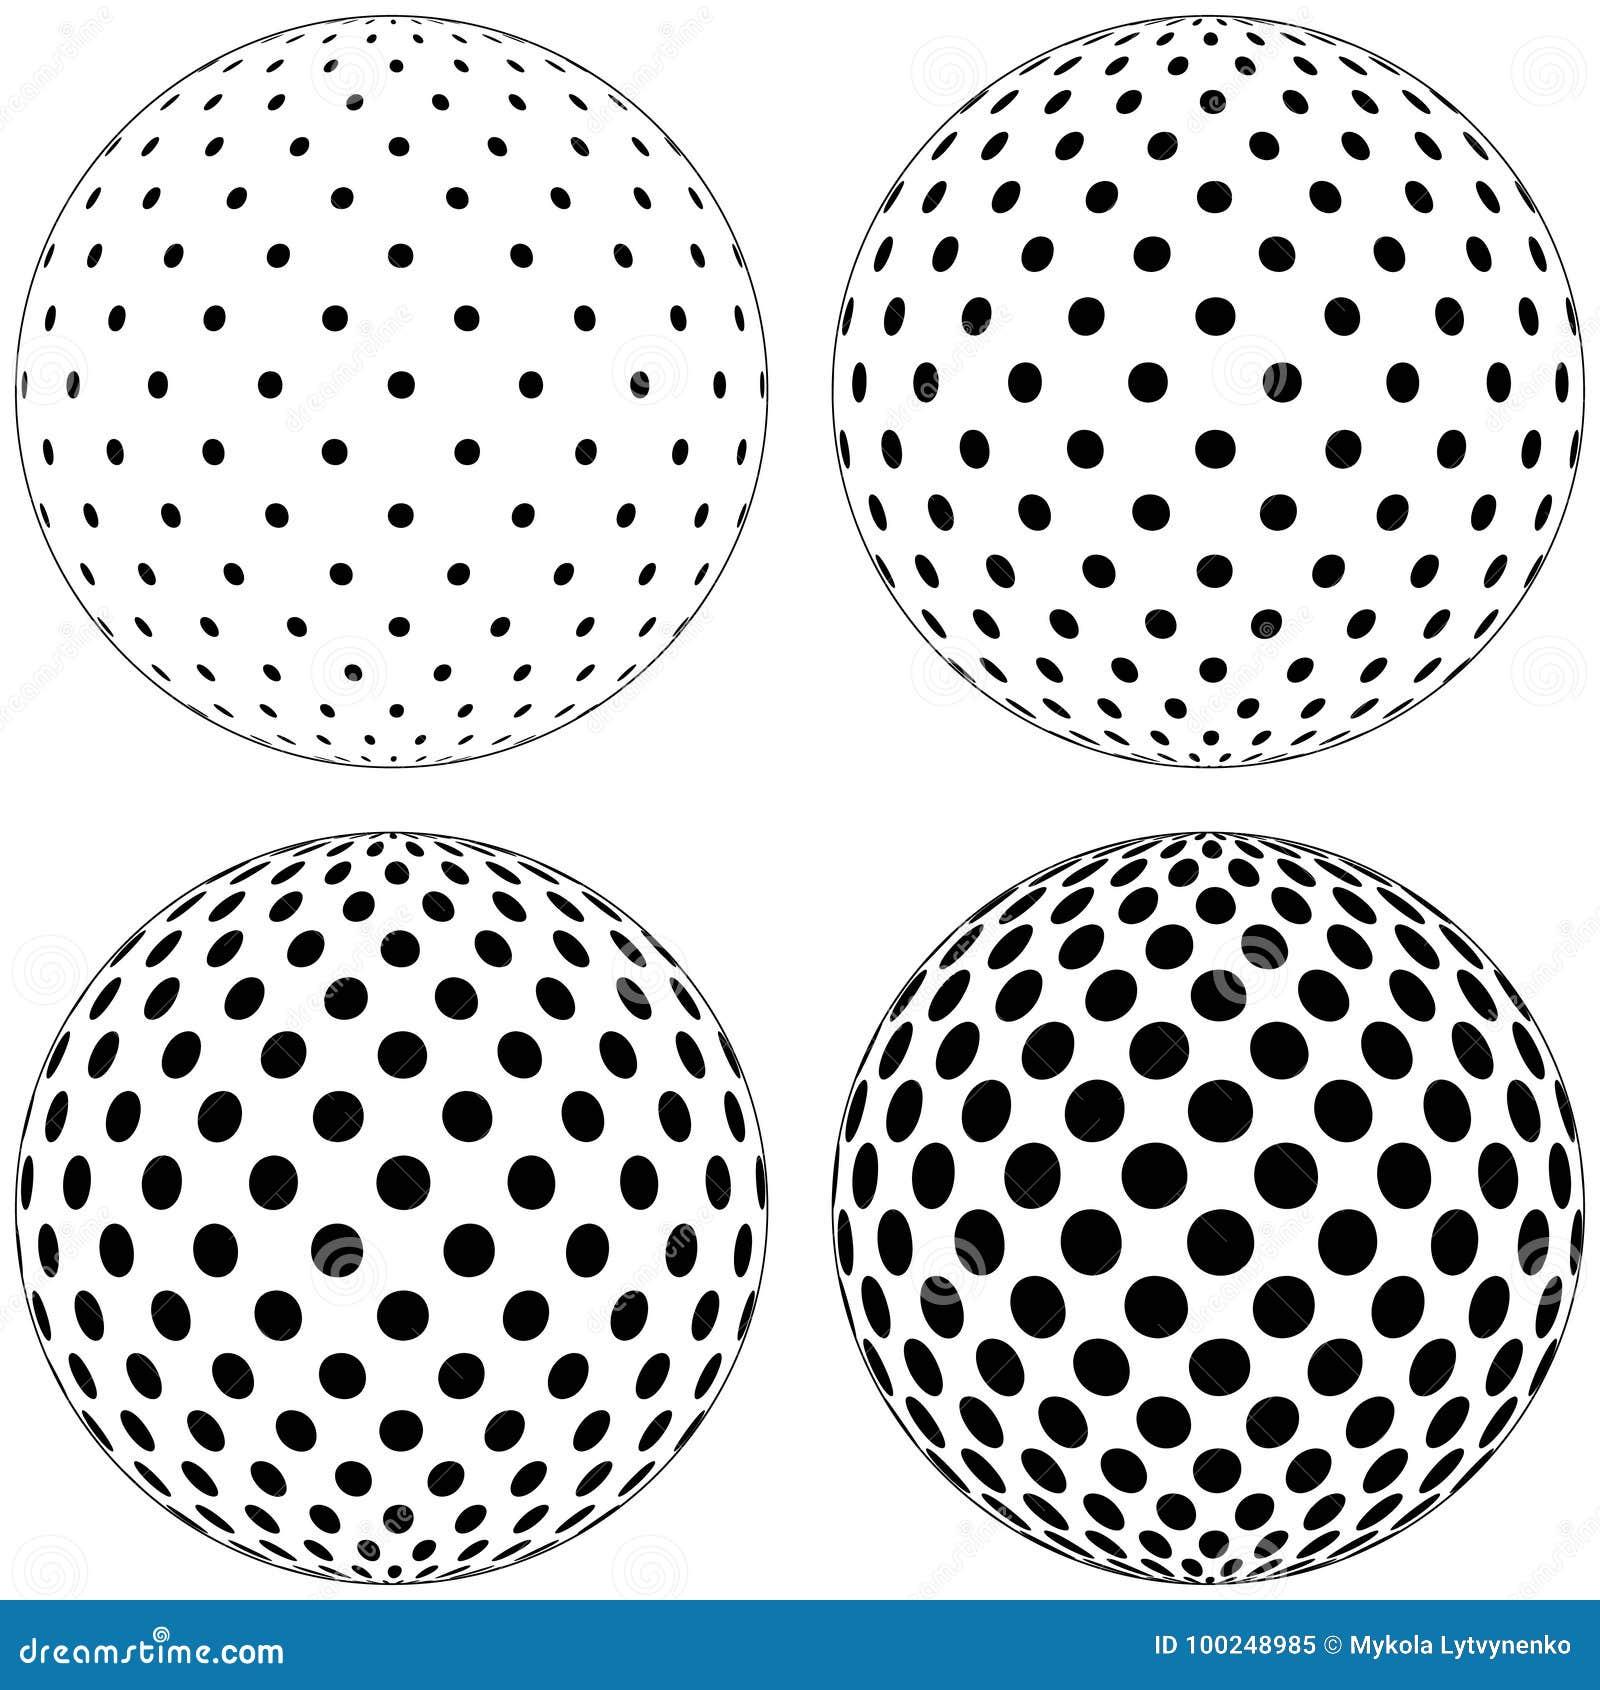 De reeks van 3D bolbal, punten omcirkelt patroon op de oppervlakte van het gebied, vectorstippatroon op de oppervlakte van de bal